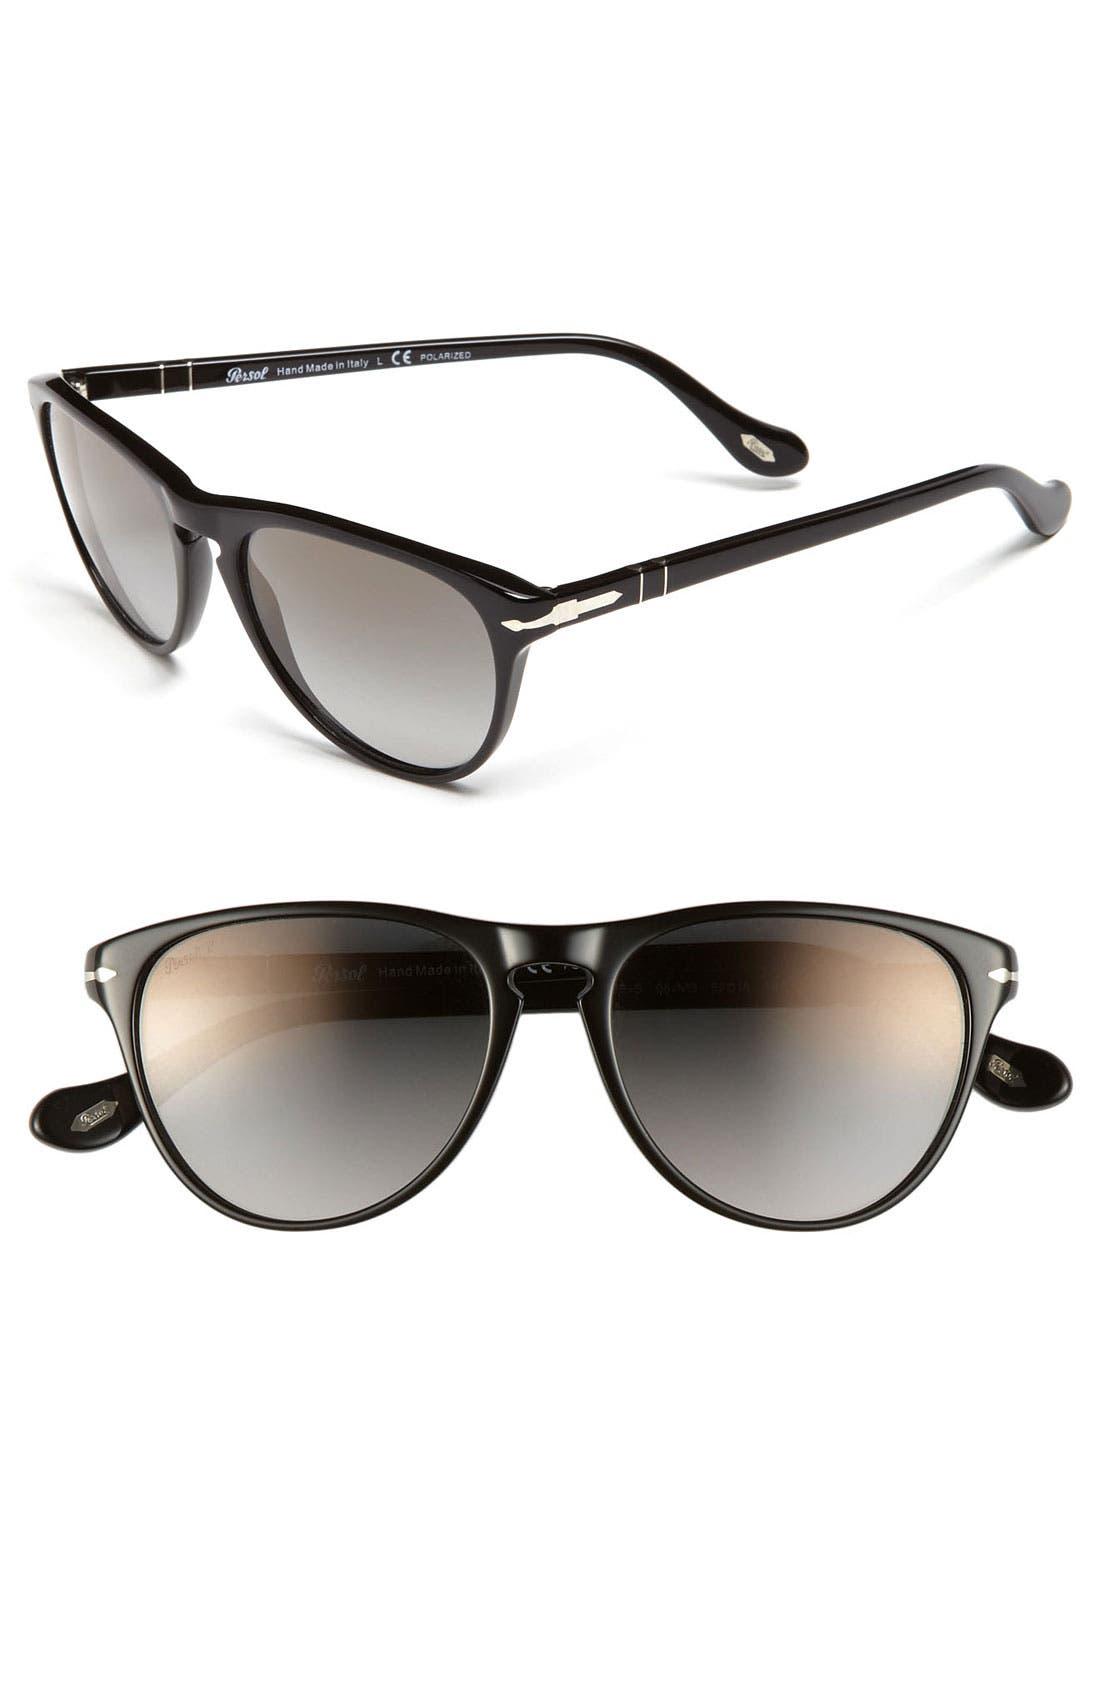 Main Image - Persol 'Suprema' 52mm Polarized Sunglasses